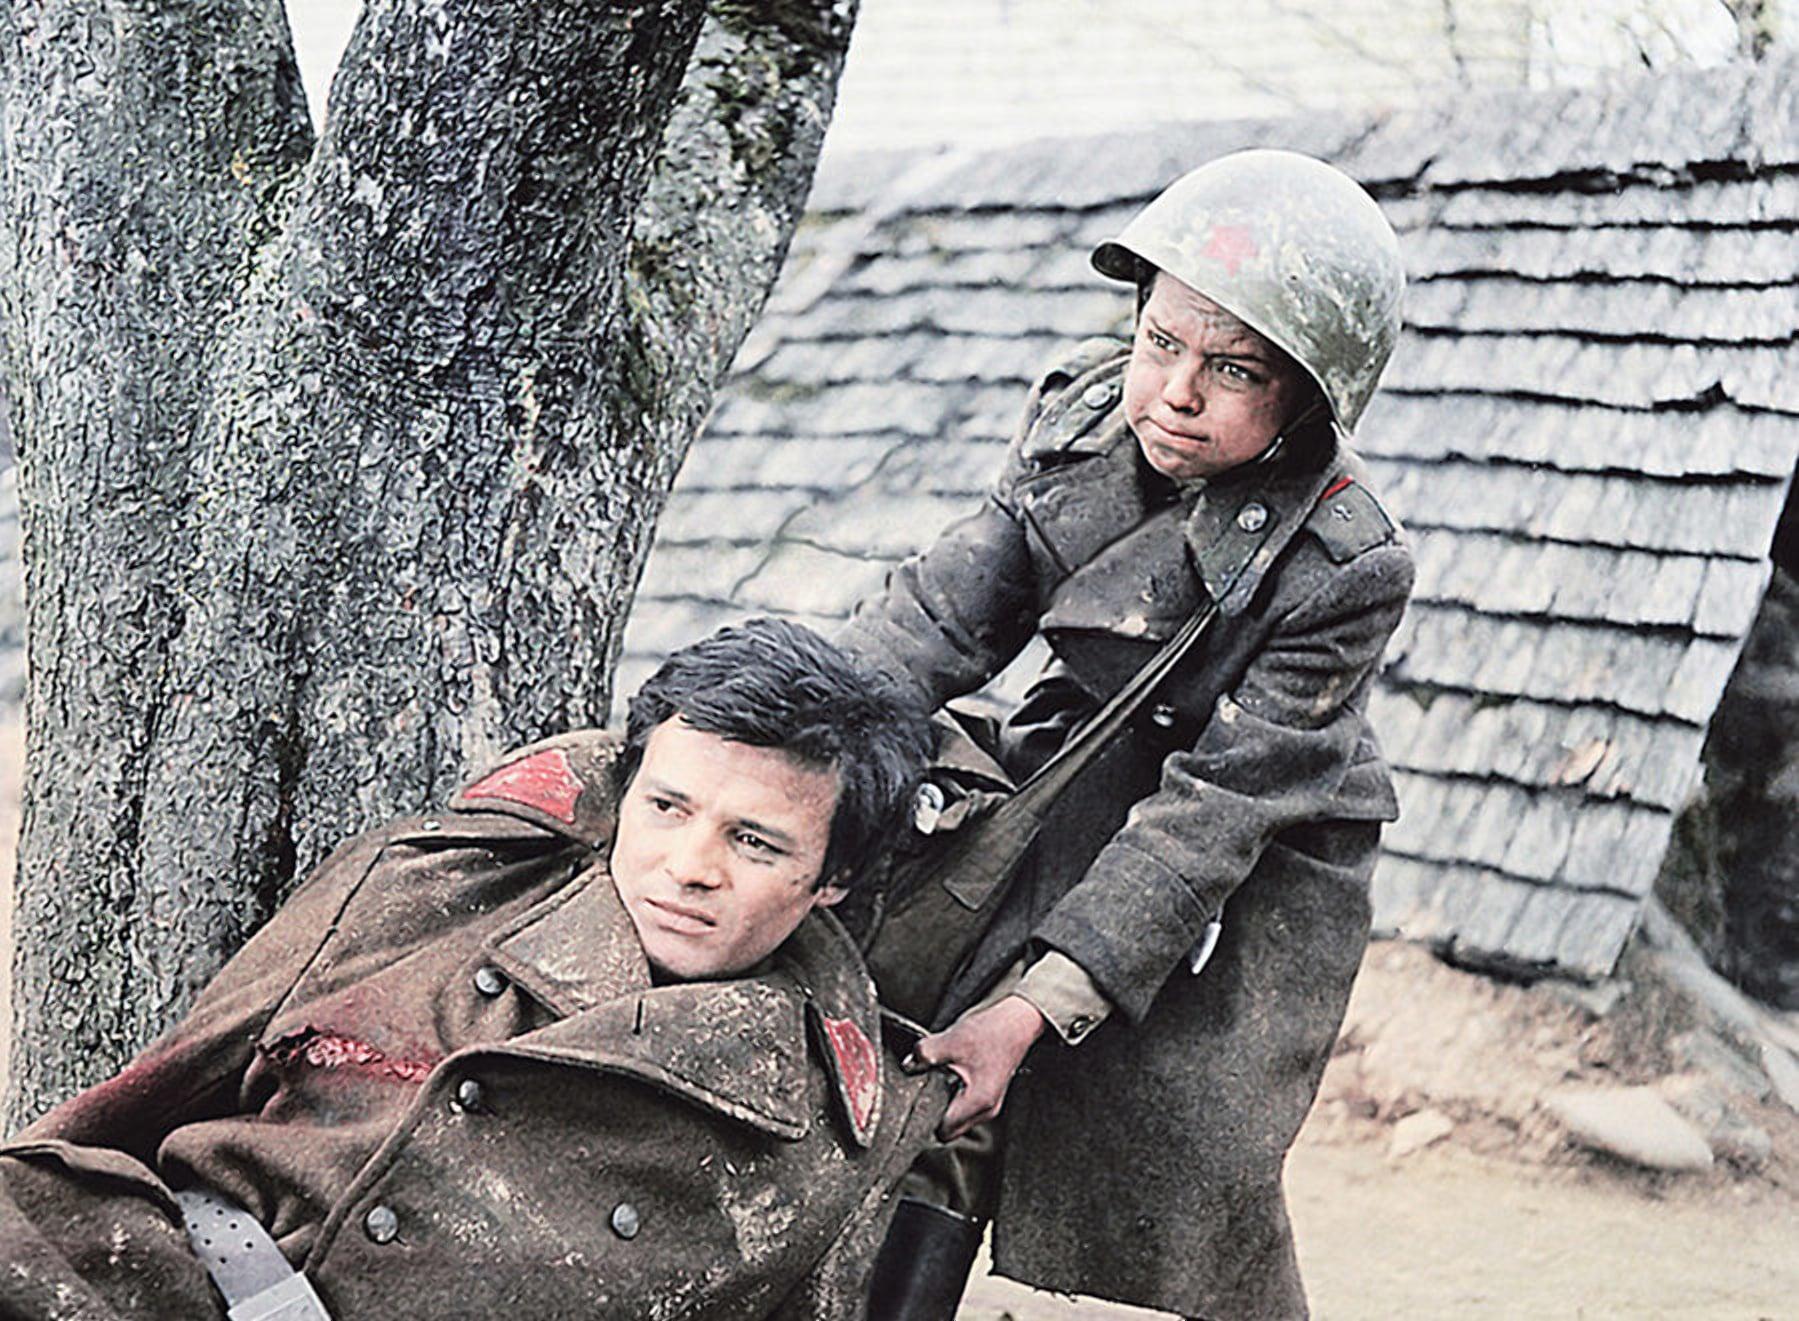 Маленький сержант о детях на войне